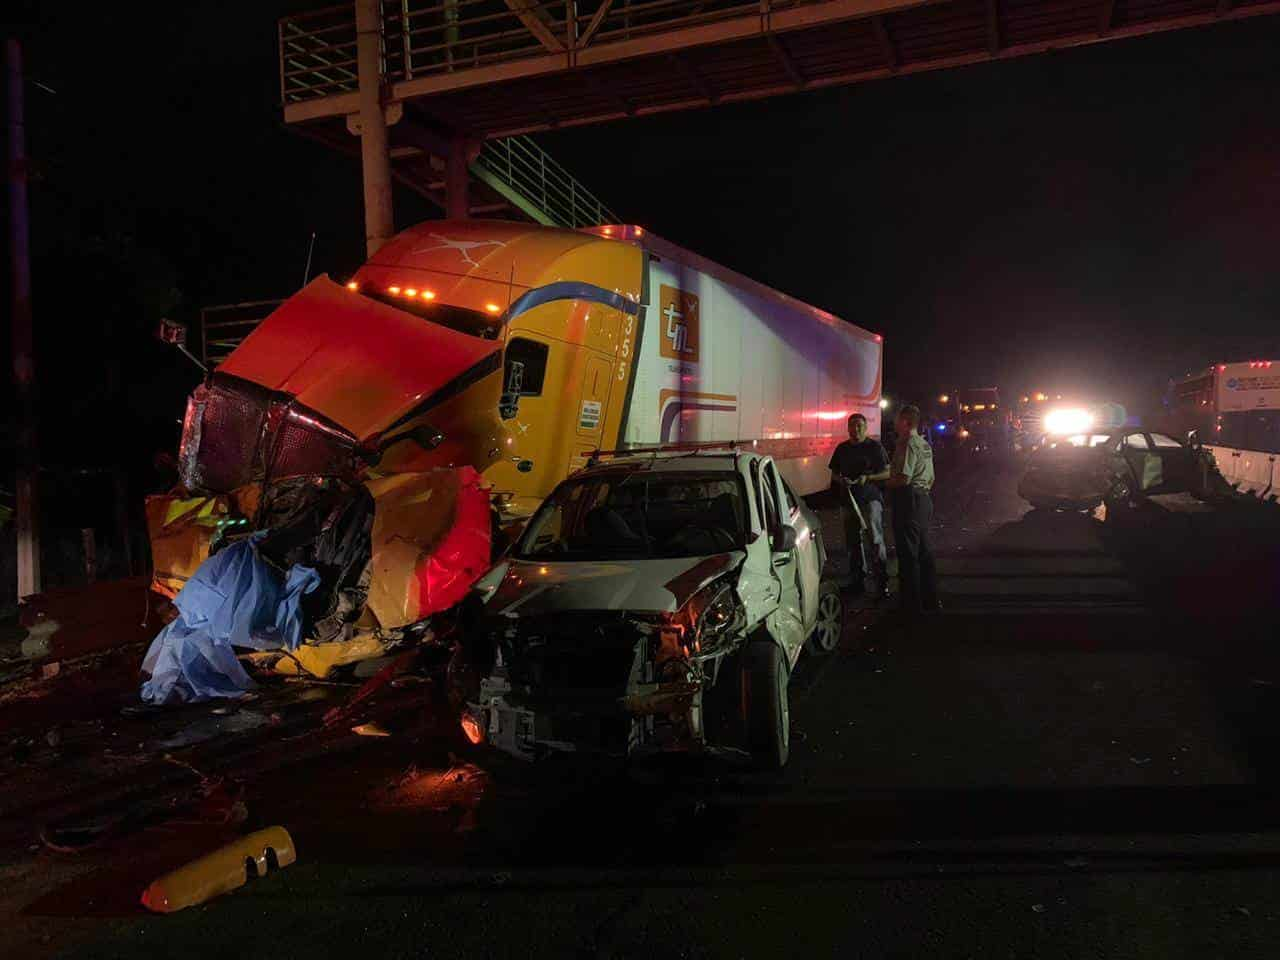 El accidente del tráiler se impactó contra ocho vehículos dejó dos víctimas más, con lo cual ya son cuatro los fallecidos